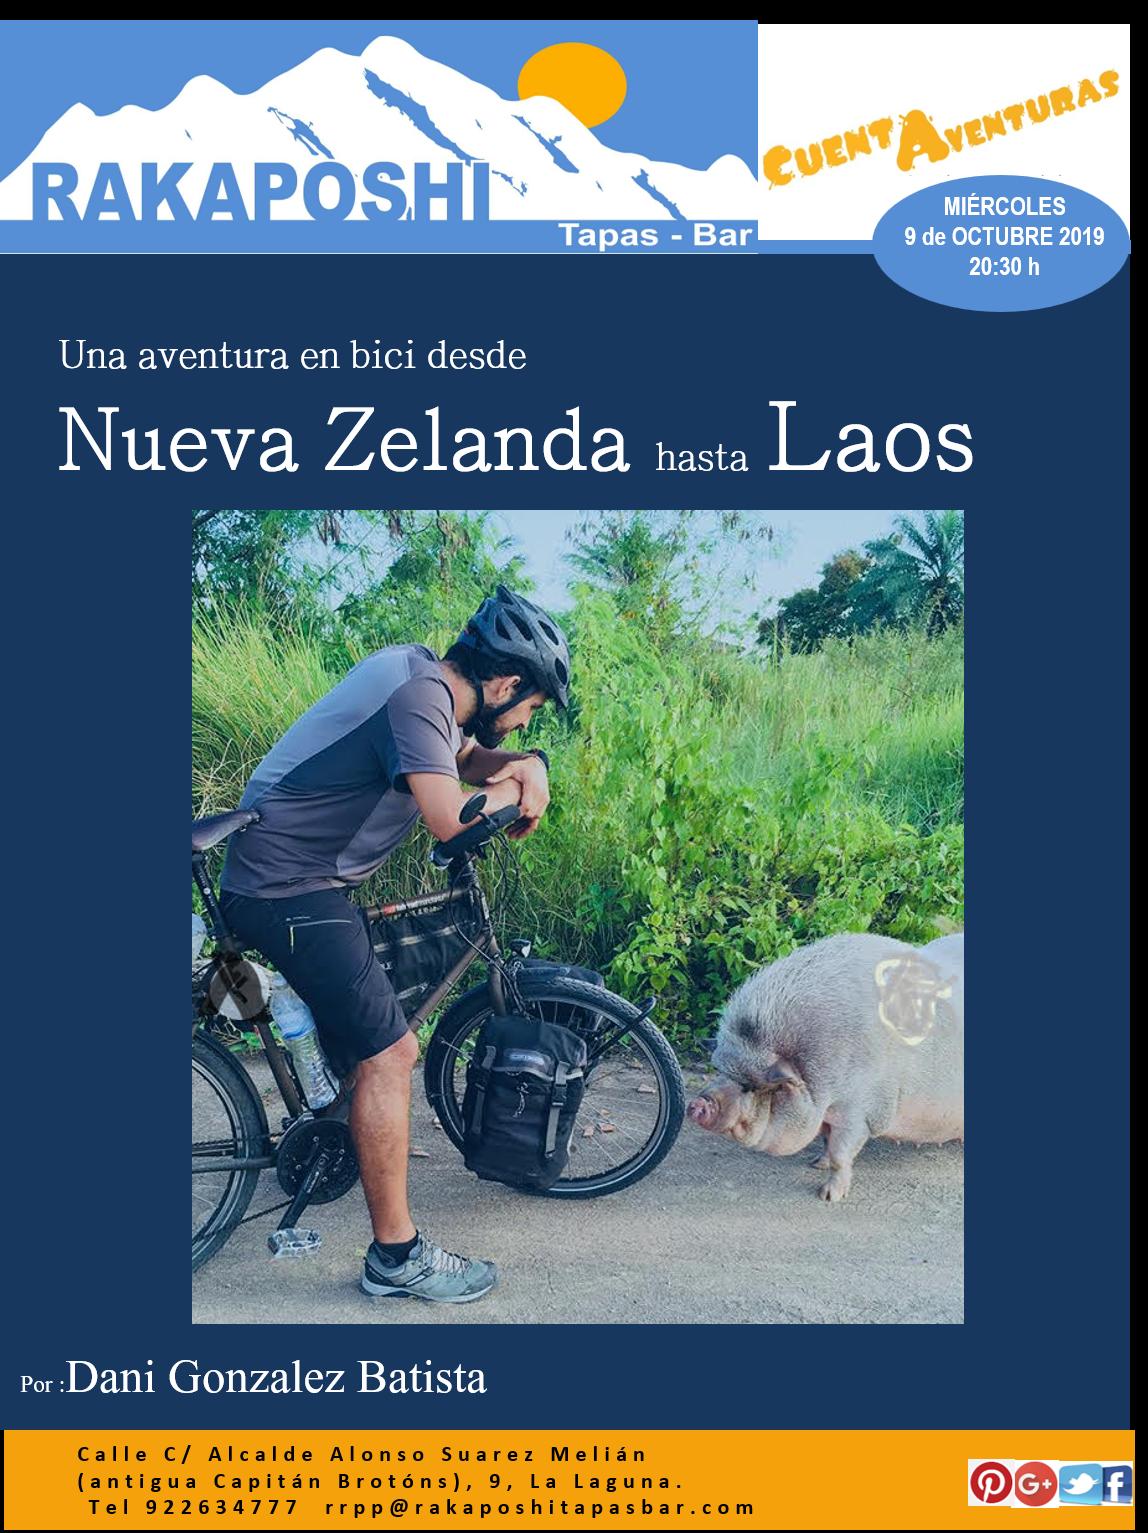 De Nueva Zelanda a Laos en bicicleta